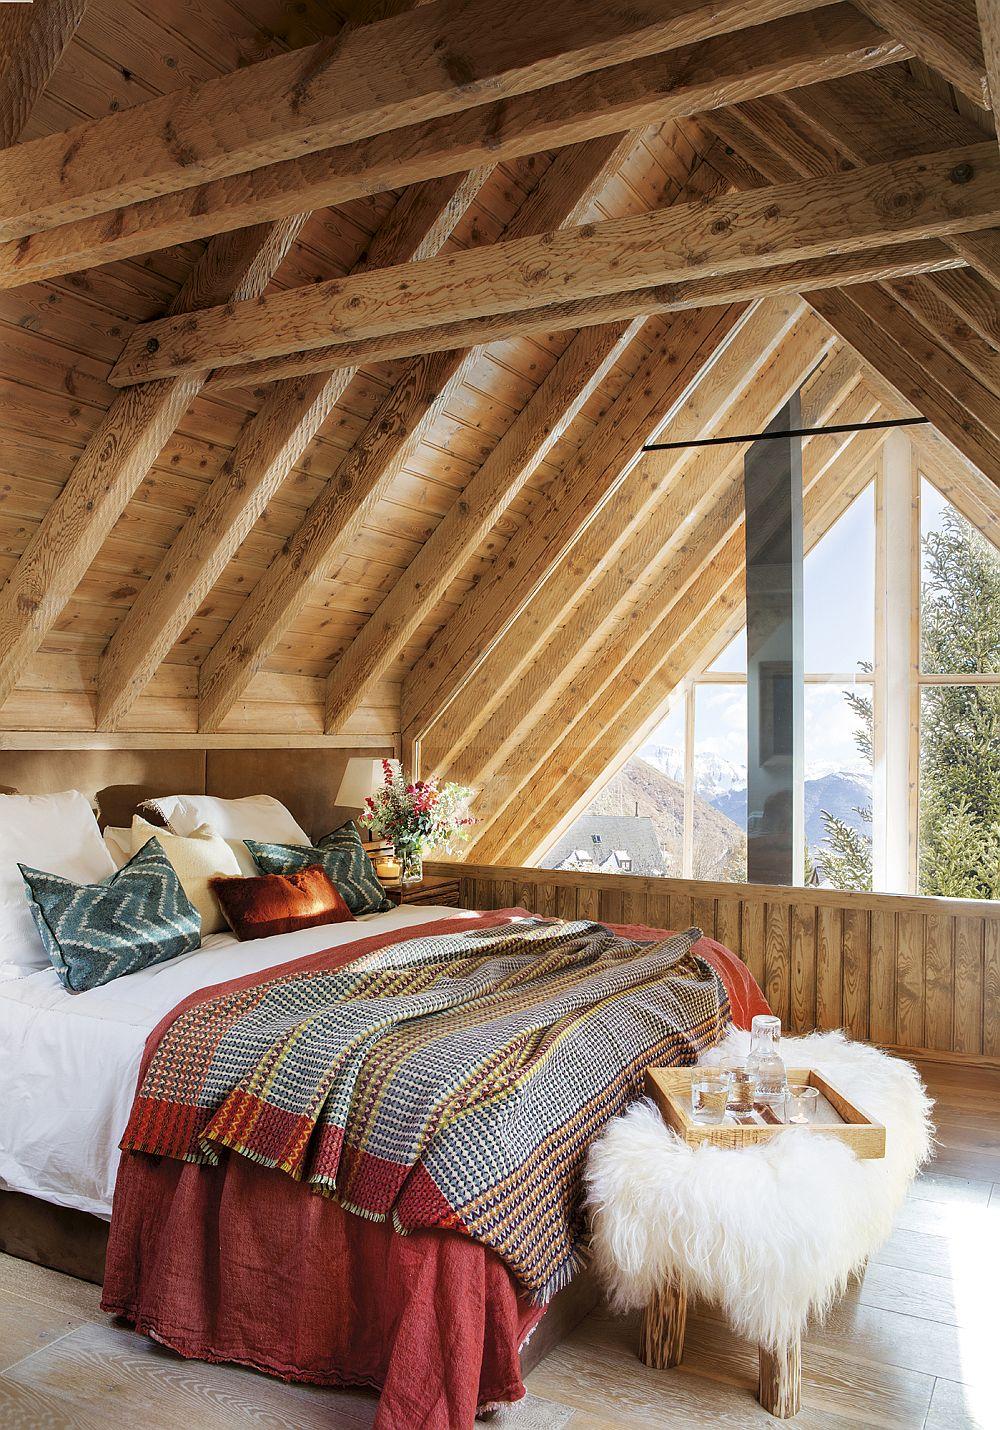 Domritoarele au fost și ele modificate ca finisaje, dar și ca spații prin montarea unor ferestre mari. Atmosfera într-o astfel de încăpere este completată prin decorațiunile textile inspirat alese.